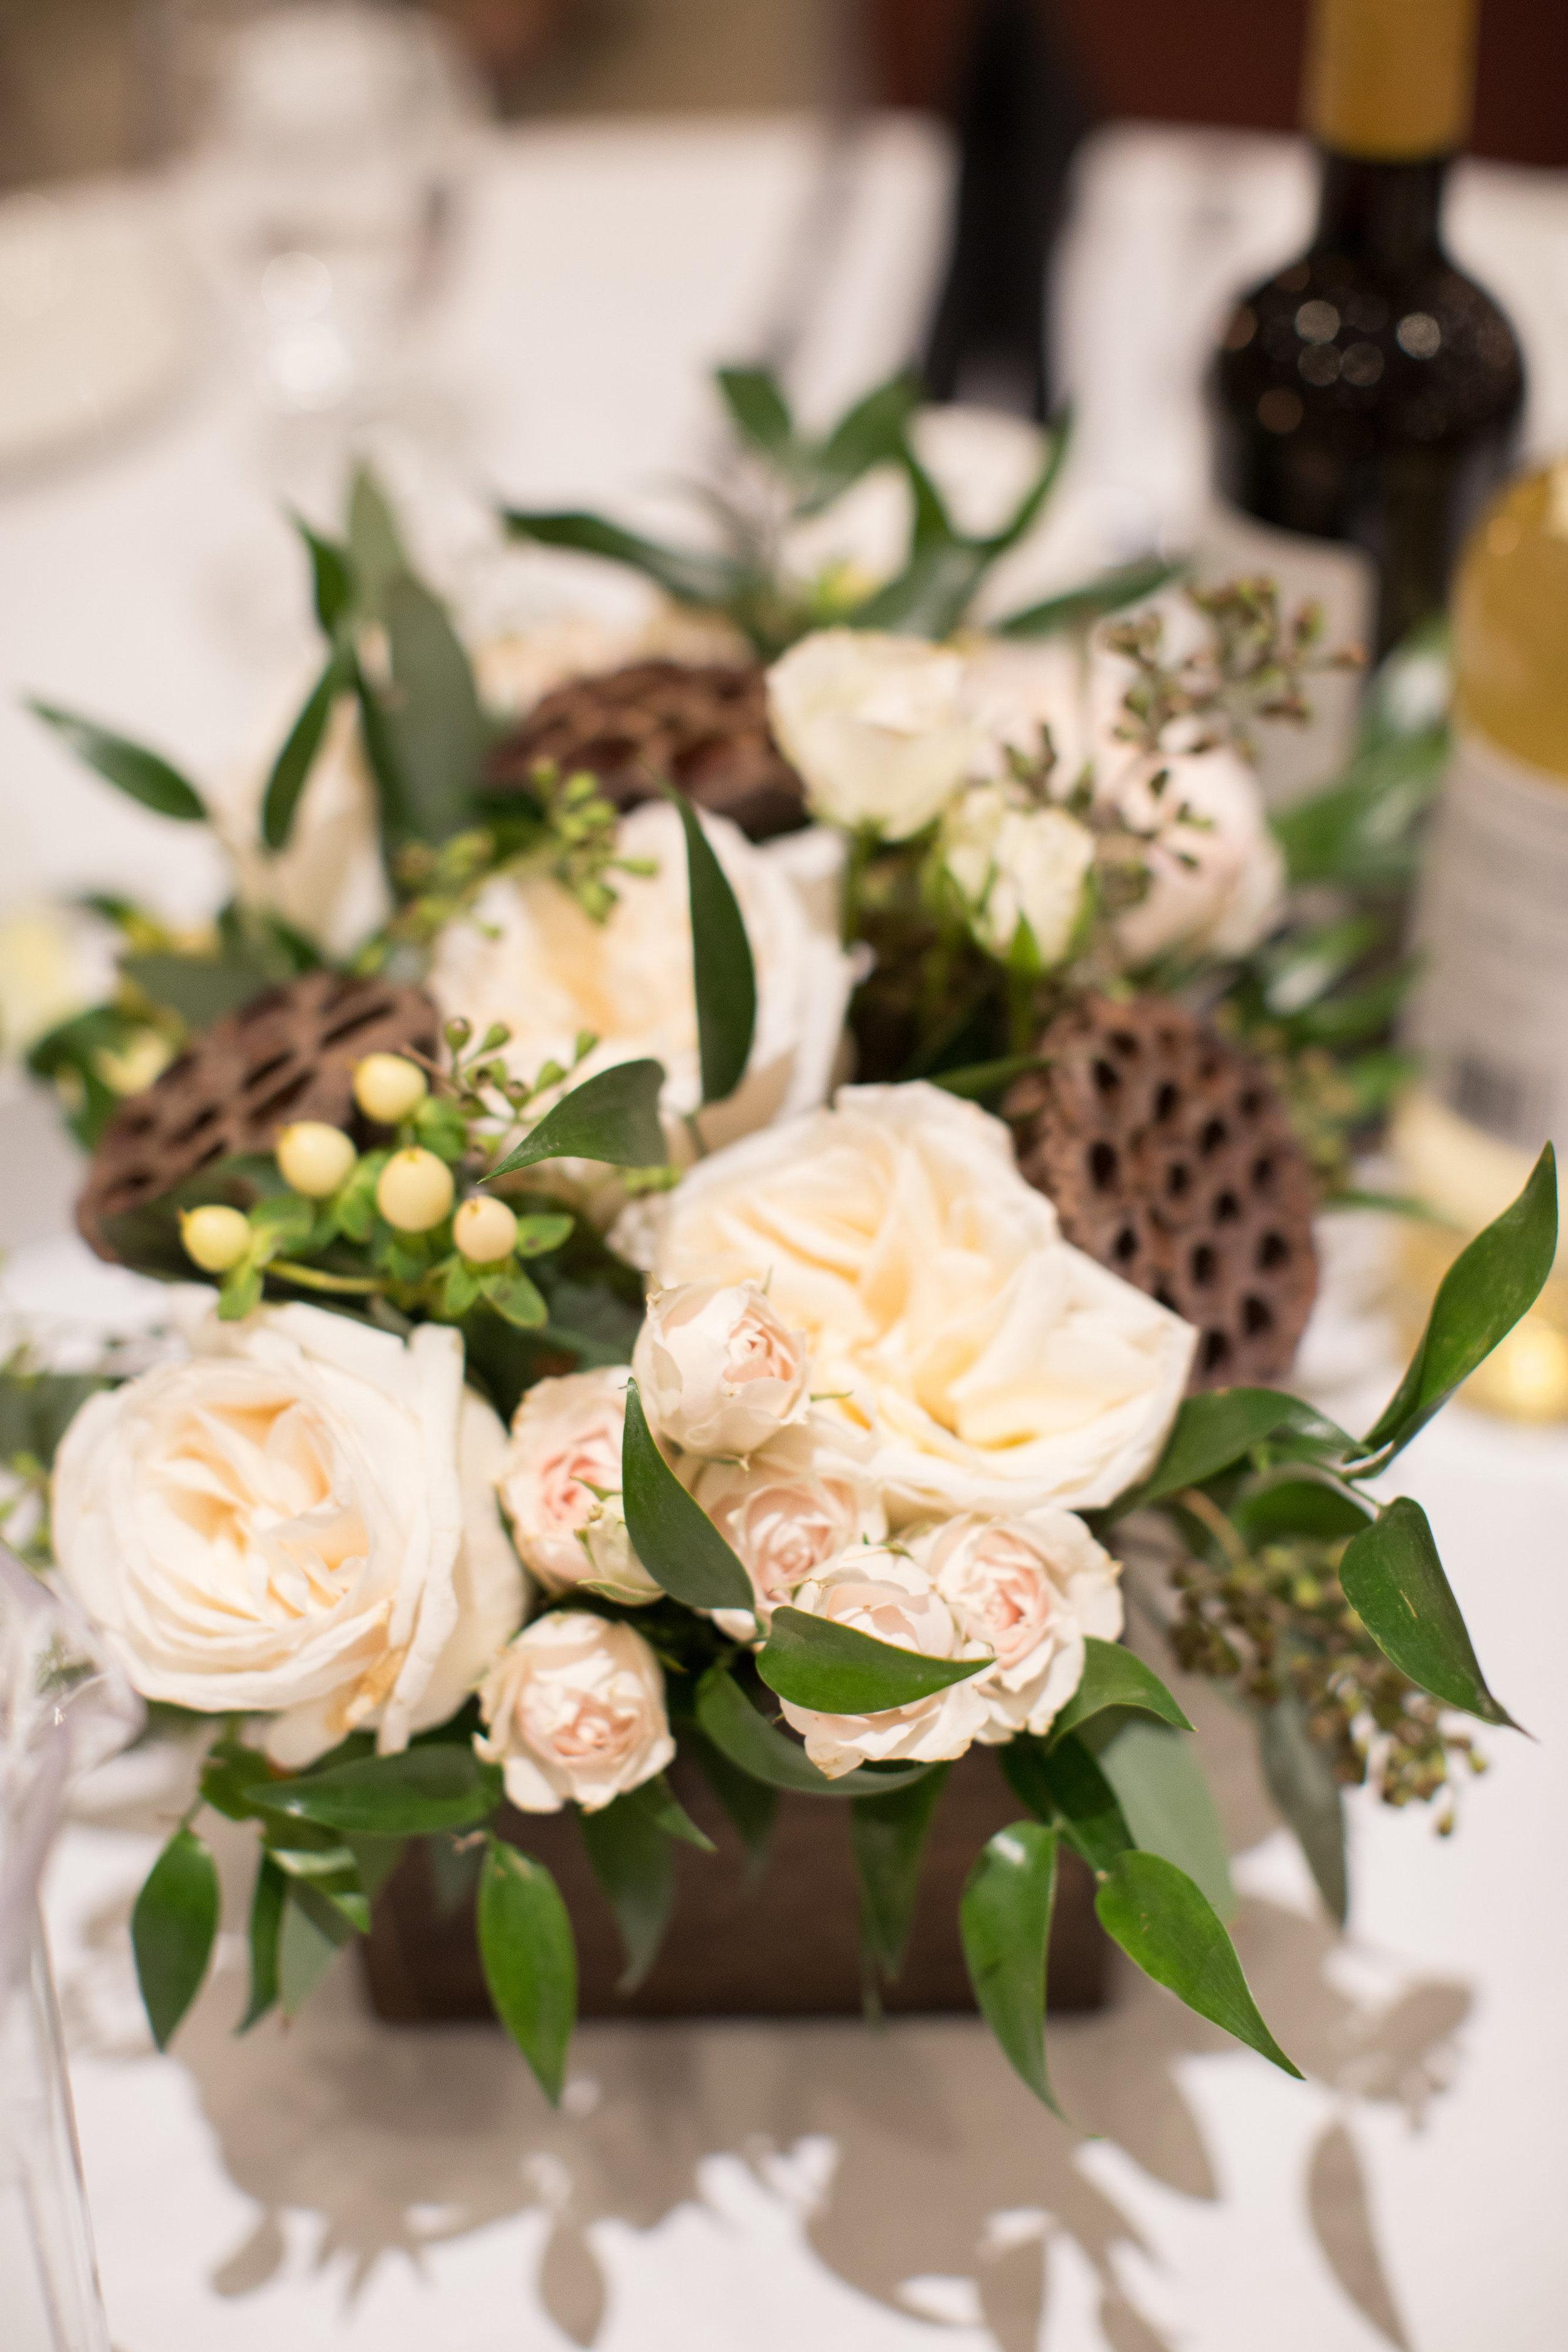 wedding flower centrepieces from florist in cochrane